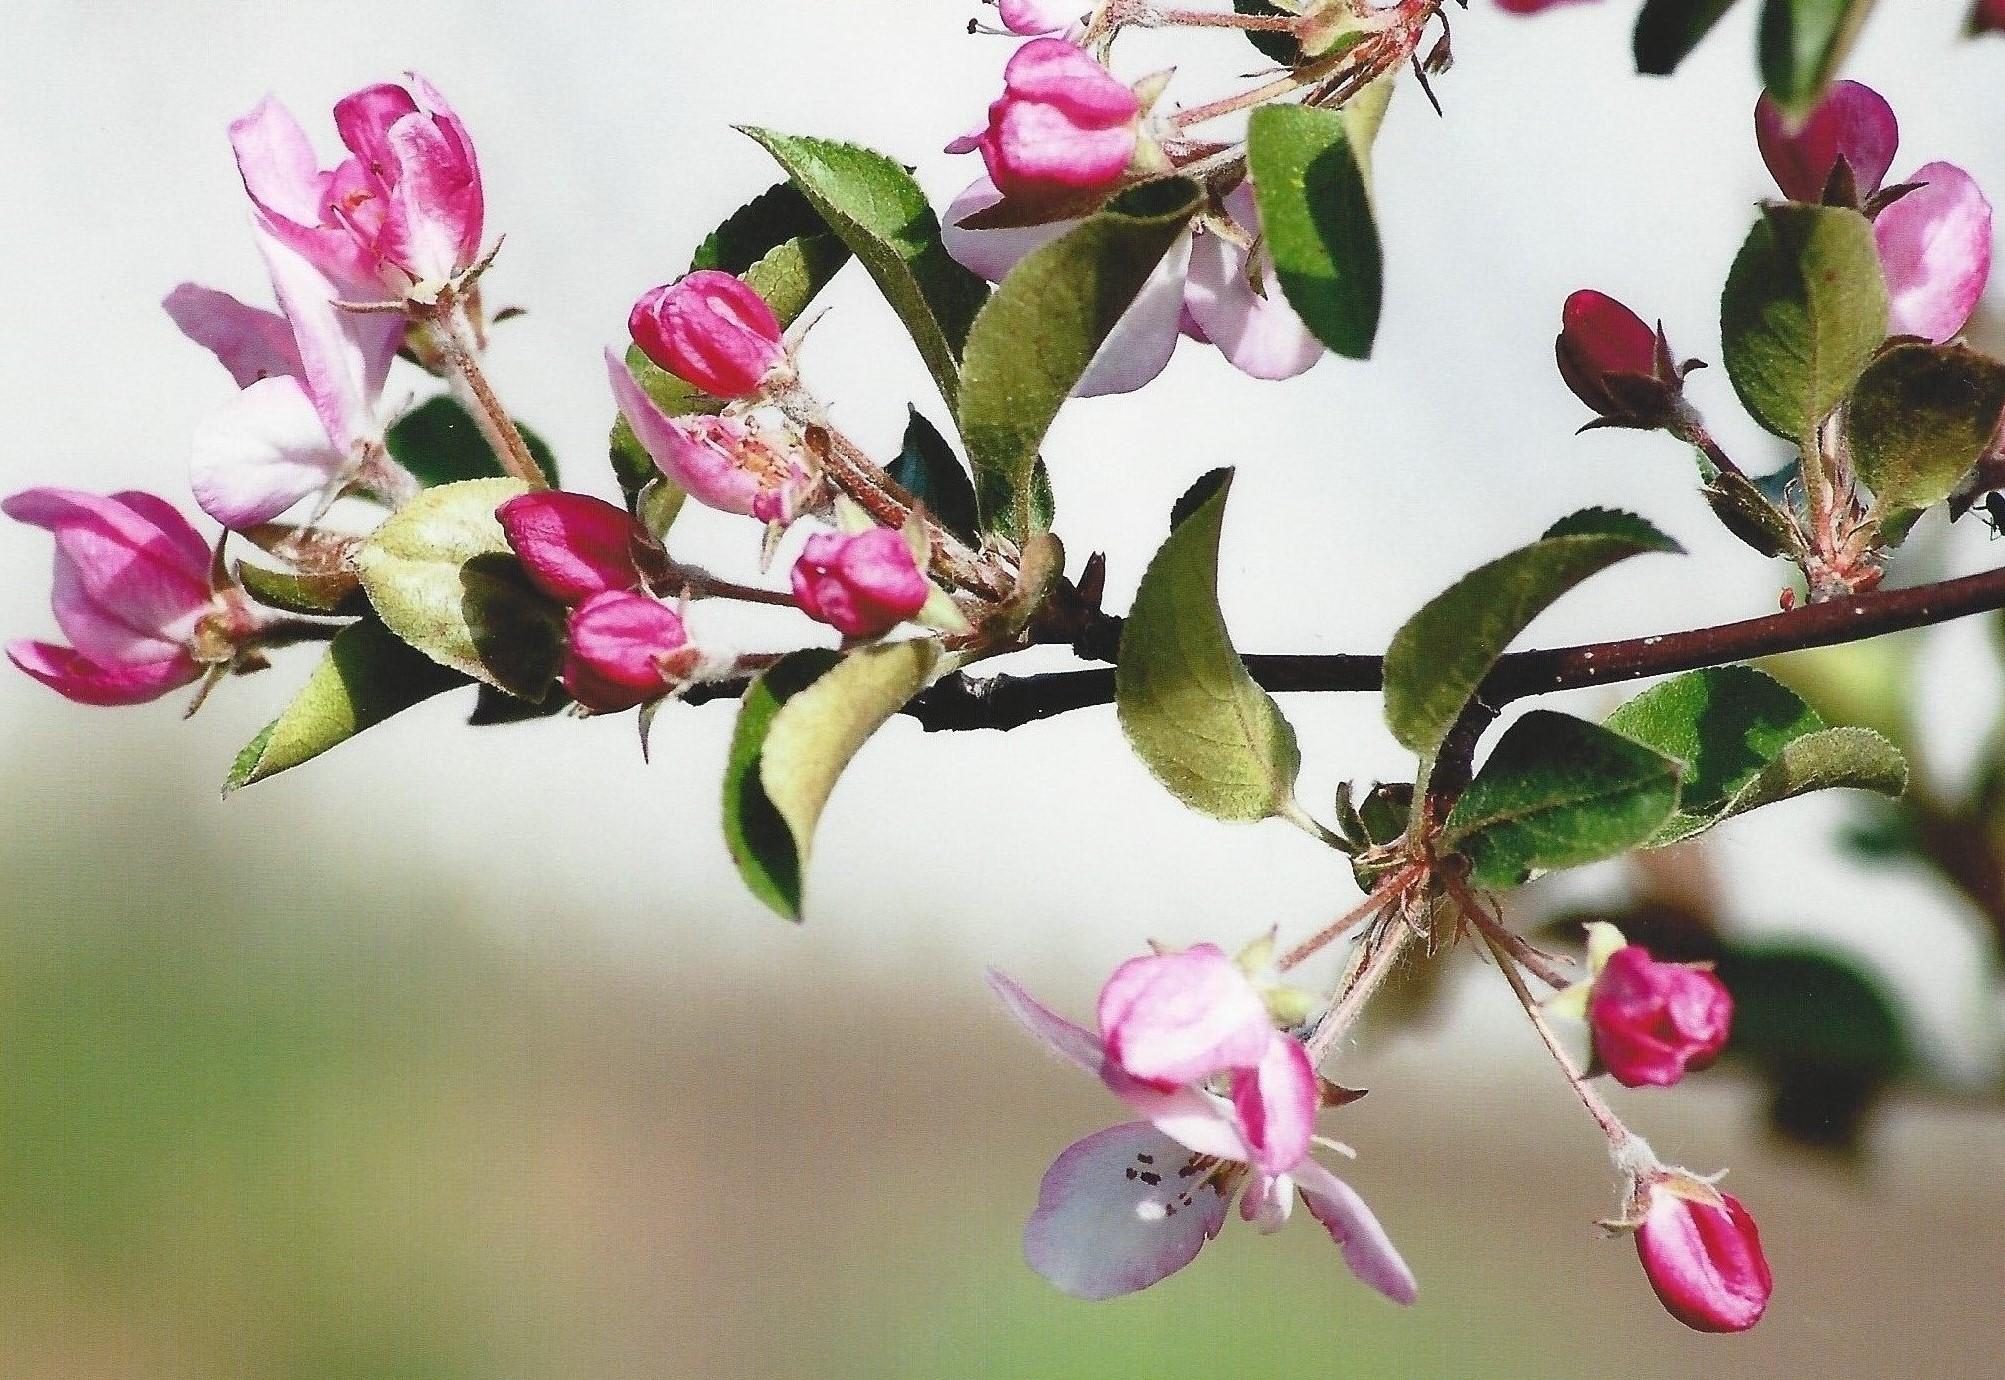 gartner - The Opening Buds of Spring.jpg